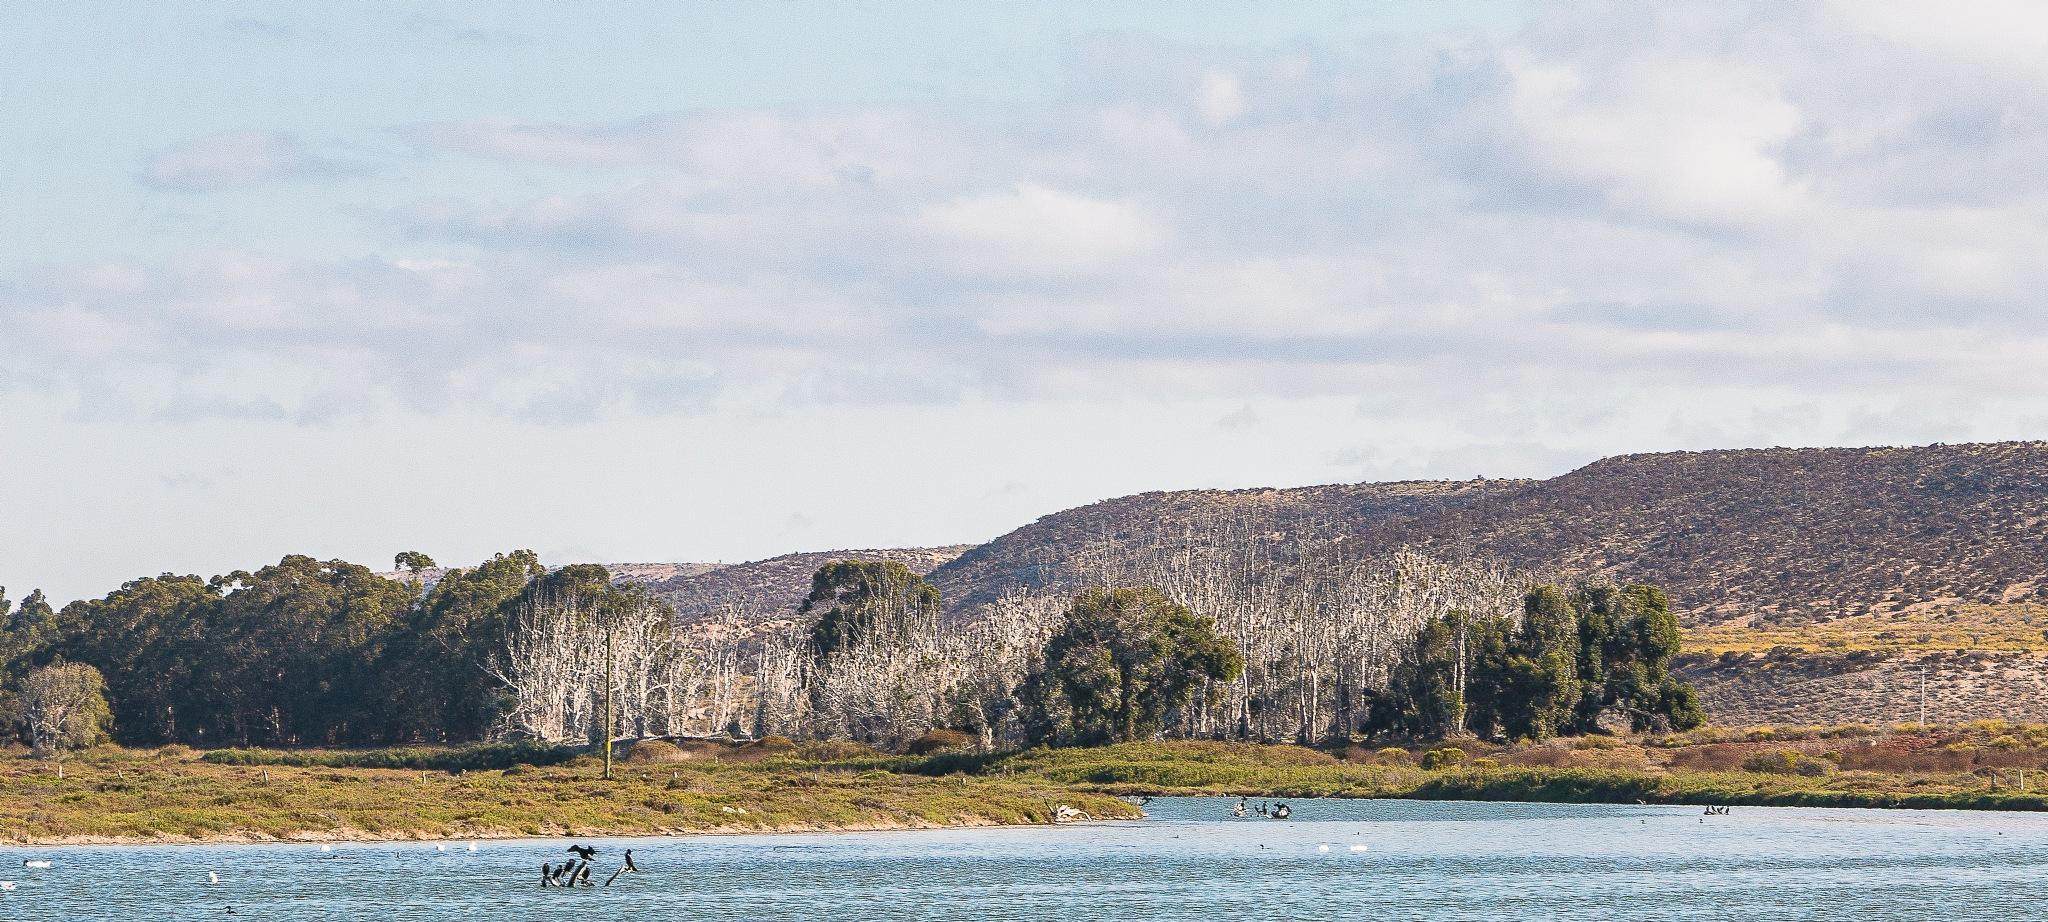 Humedal en Tongoy by ecamus